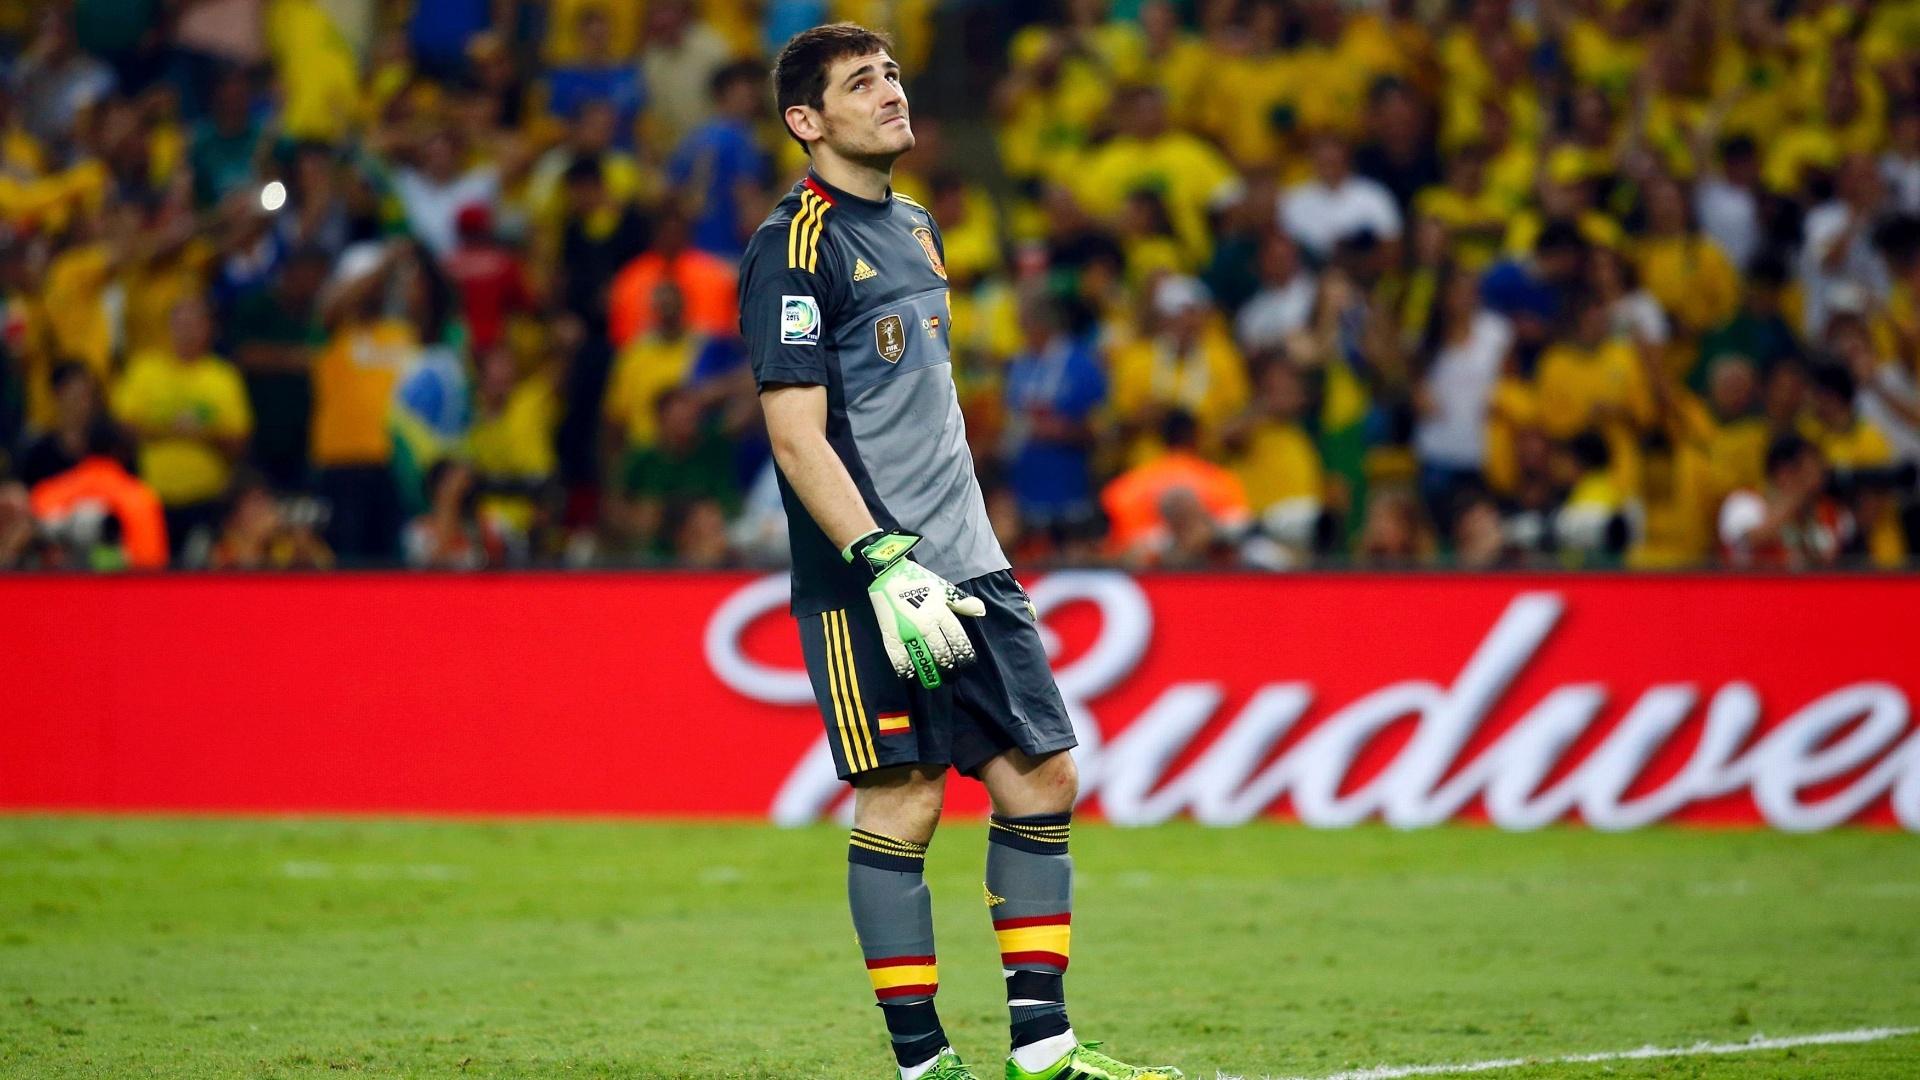 30.jun.2013 - Goleiro espanhol Iker Casillas olha desolado para o céu após gol do Brasil na final da Copa das Confederações